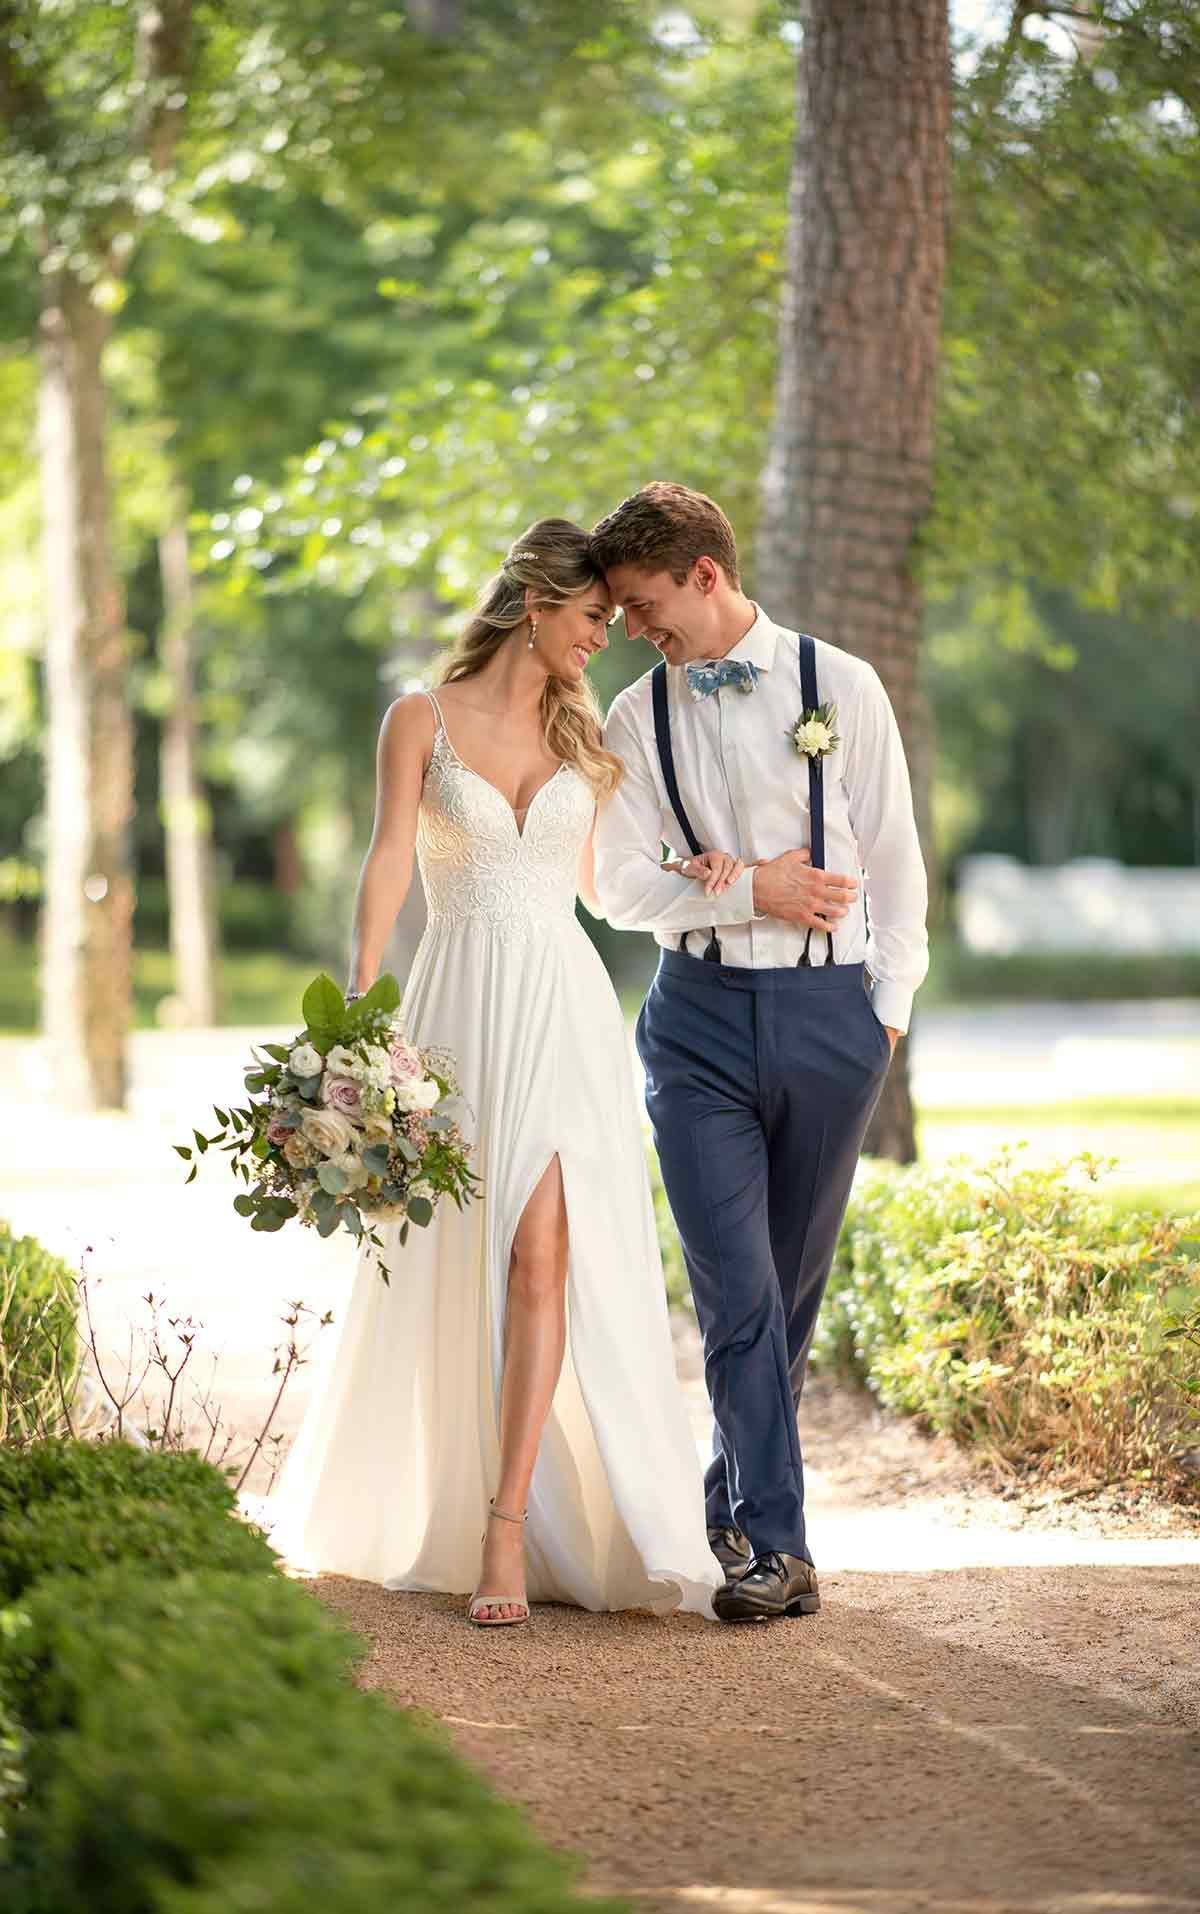 Wedding Dresses Droitwich Stella york bridal, Bridal